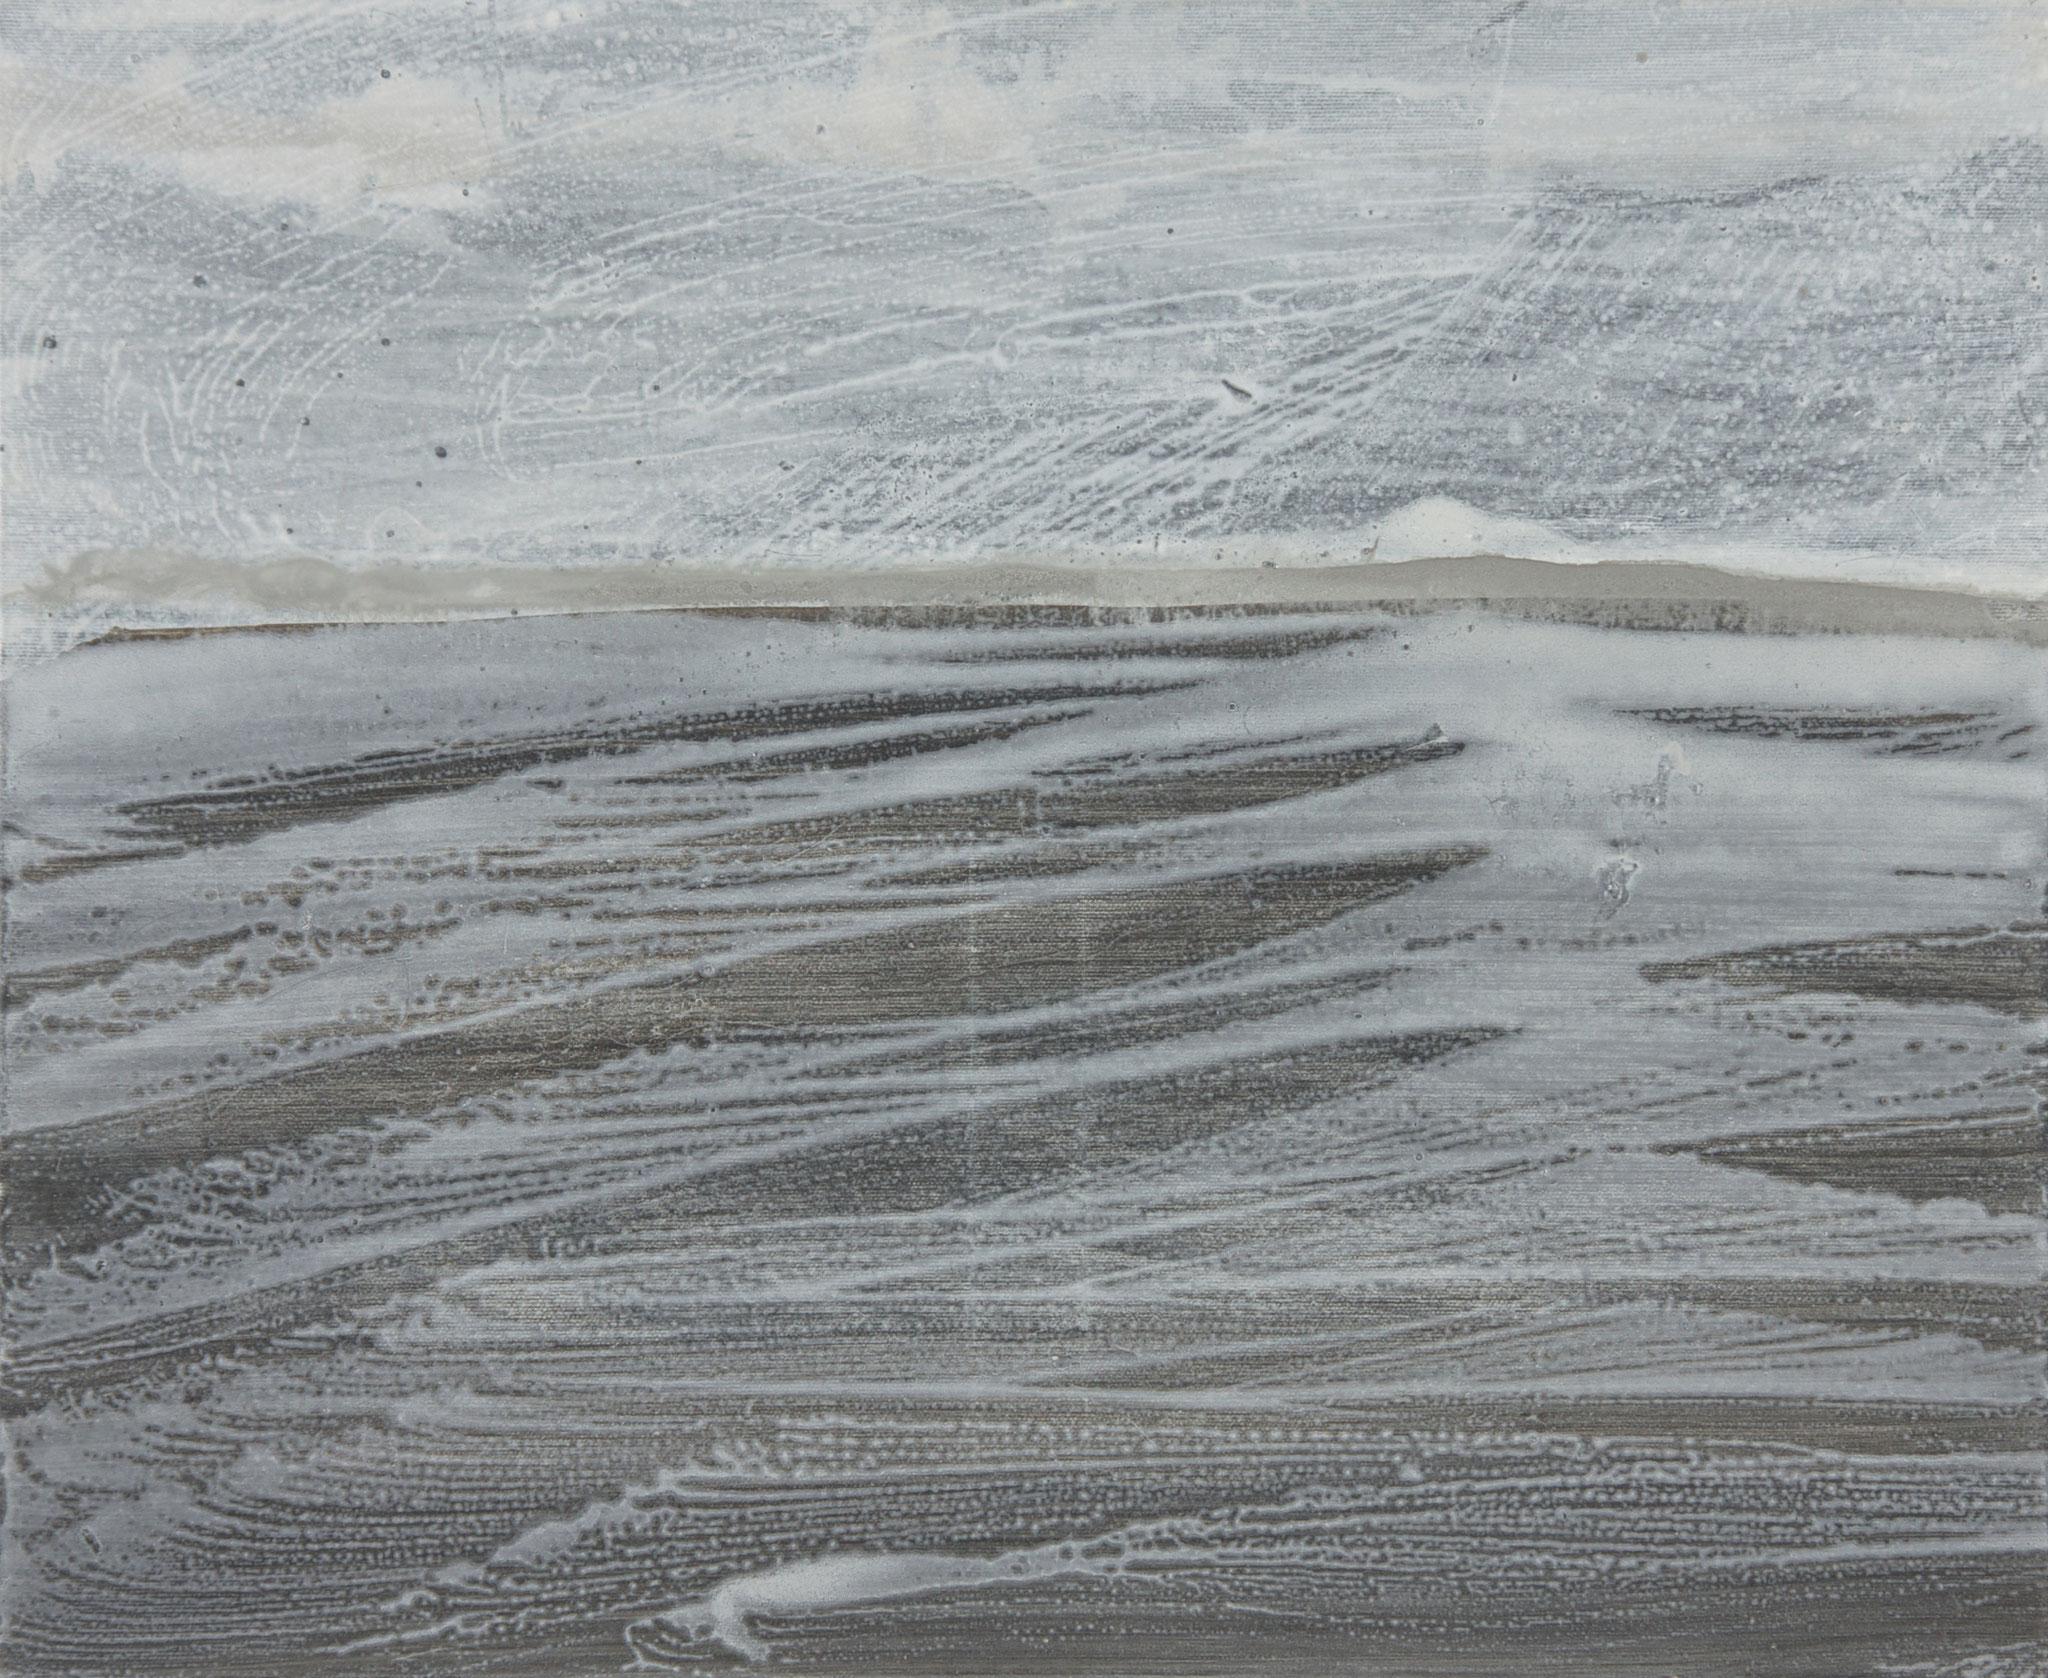 fadia Haddad Pigments et médium acrylique sur toile- 2012